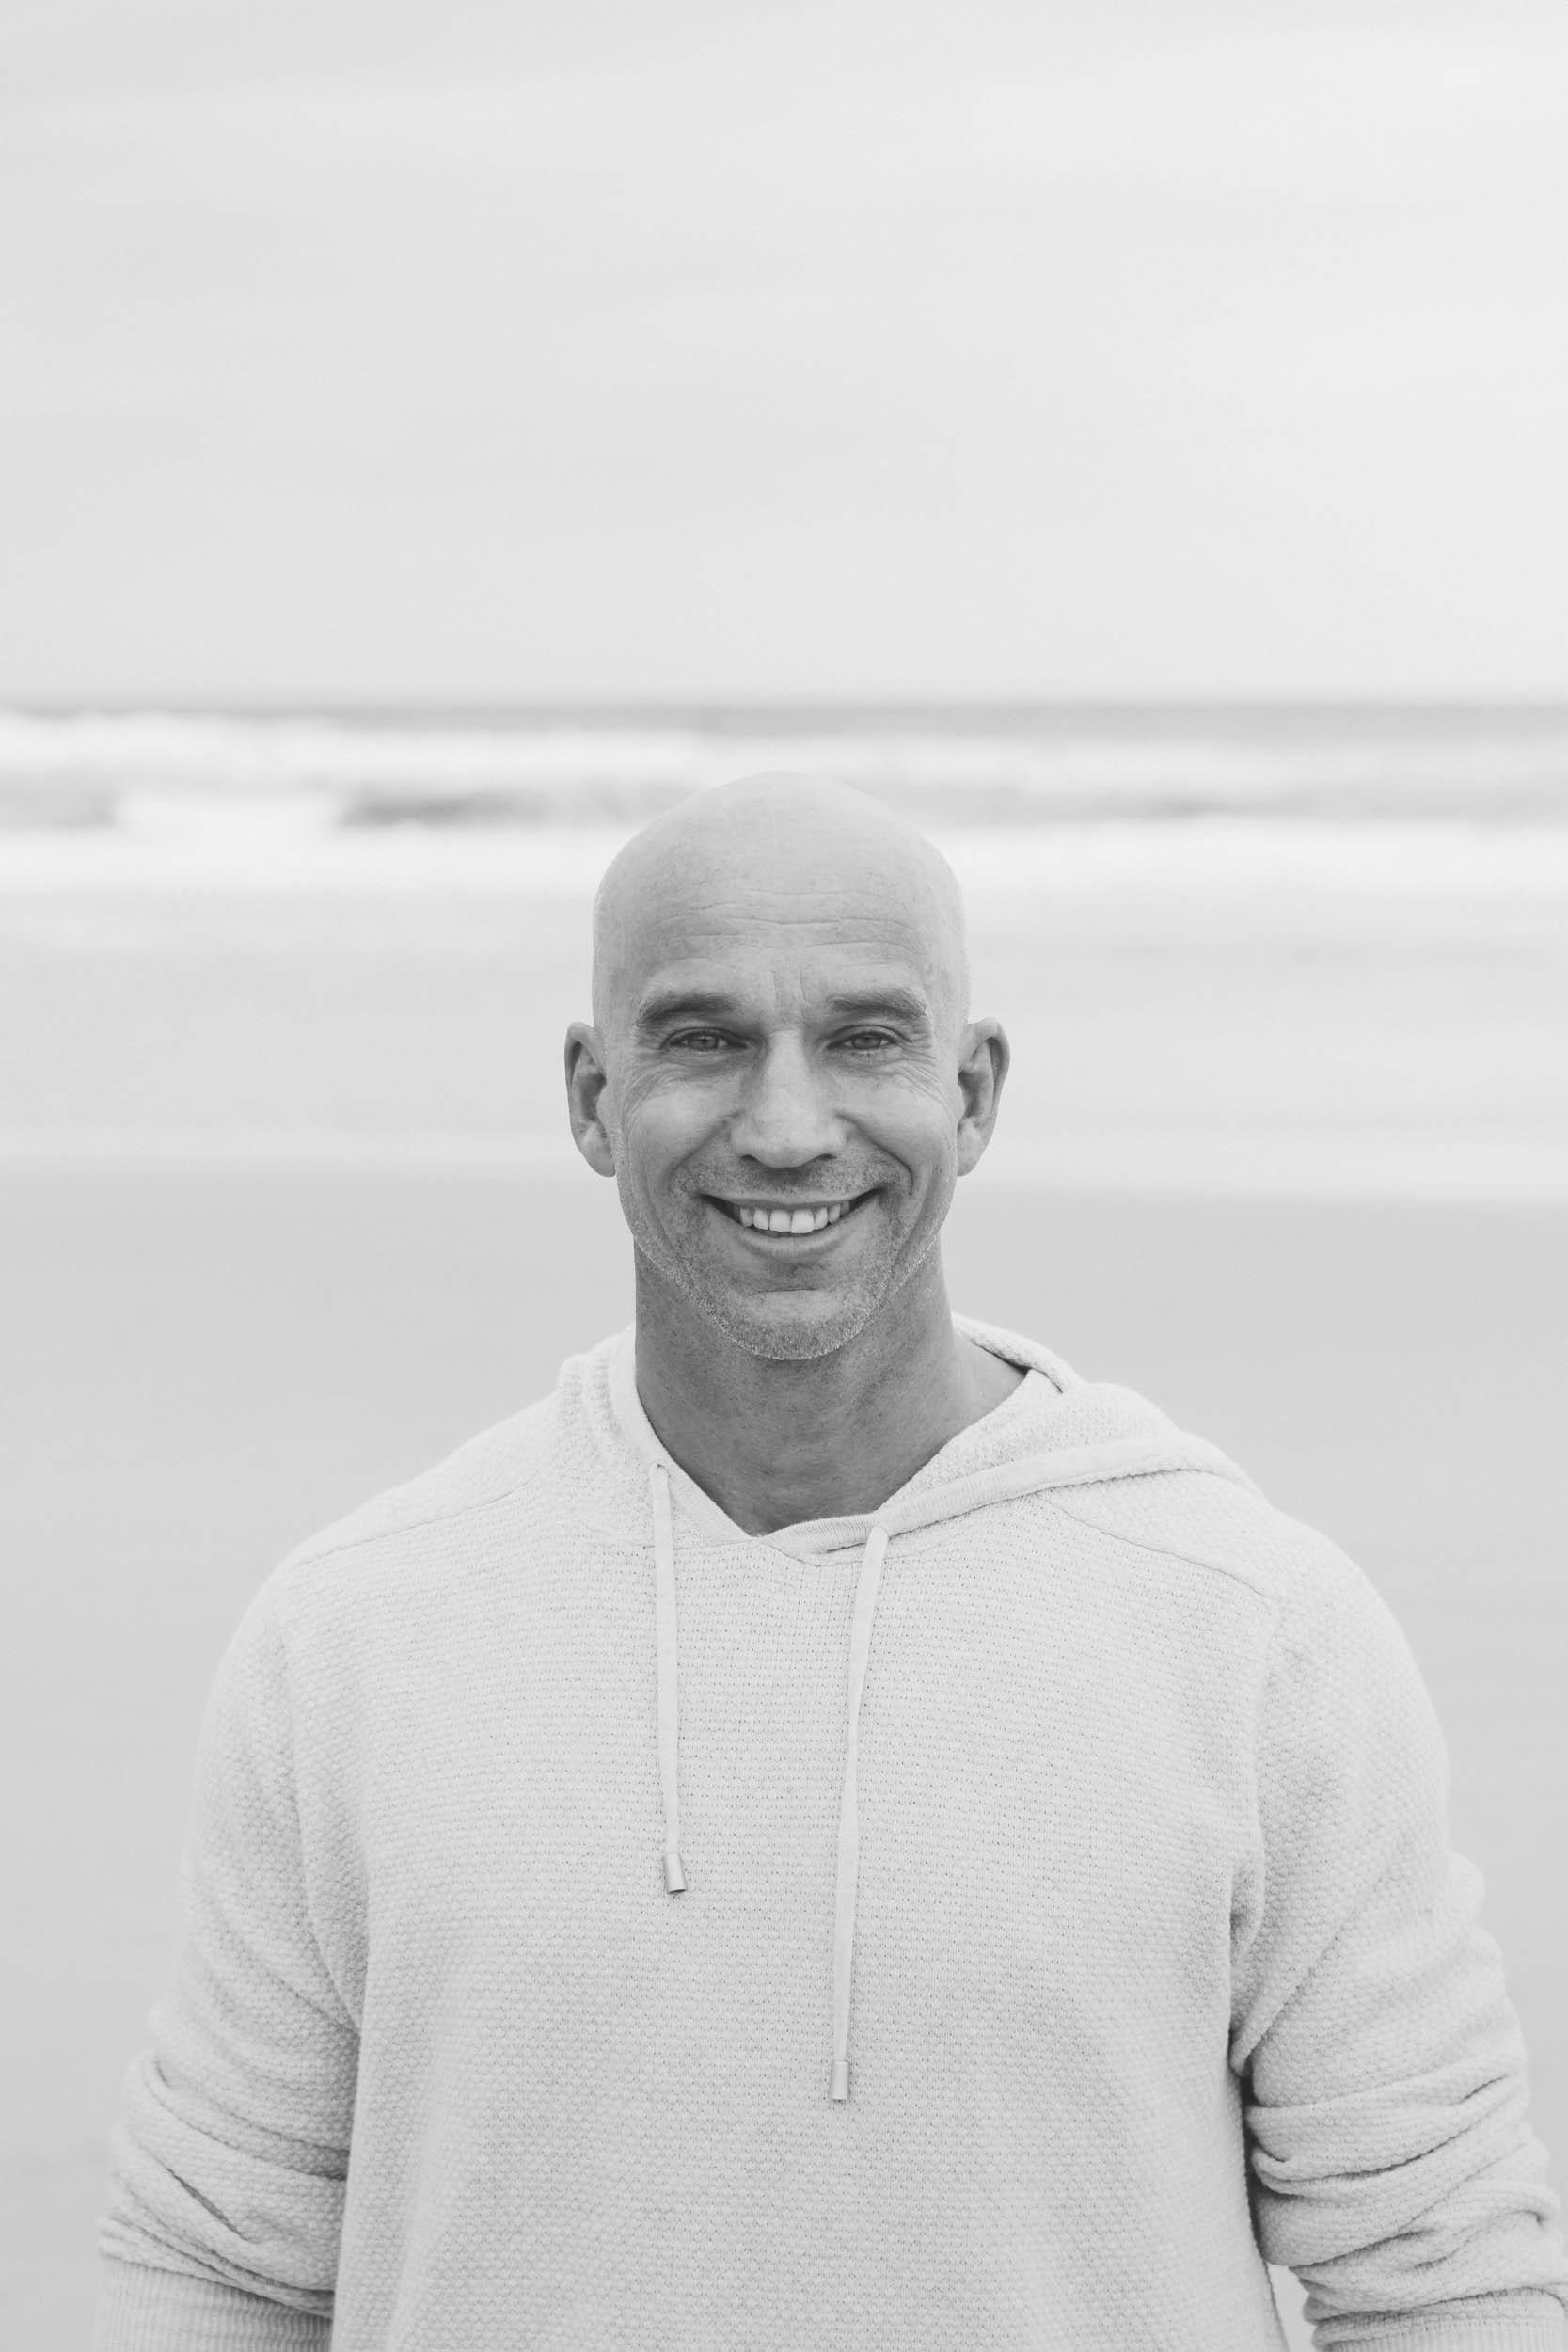 Owner and founder of Powerstart Jason Olderoy